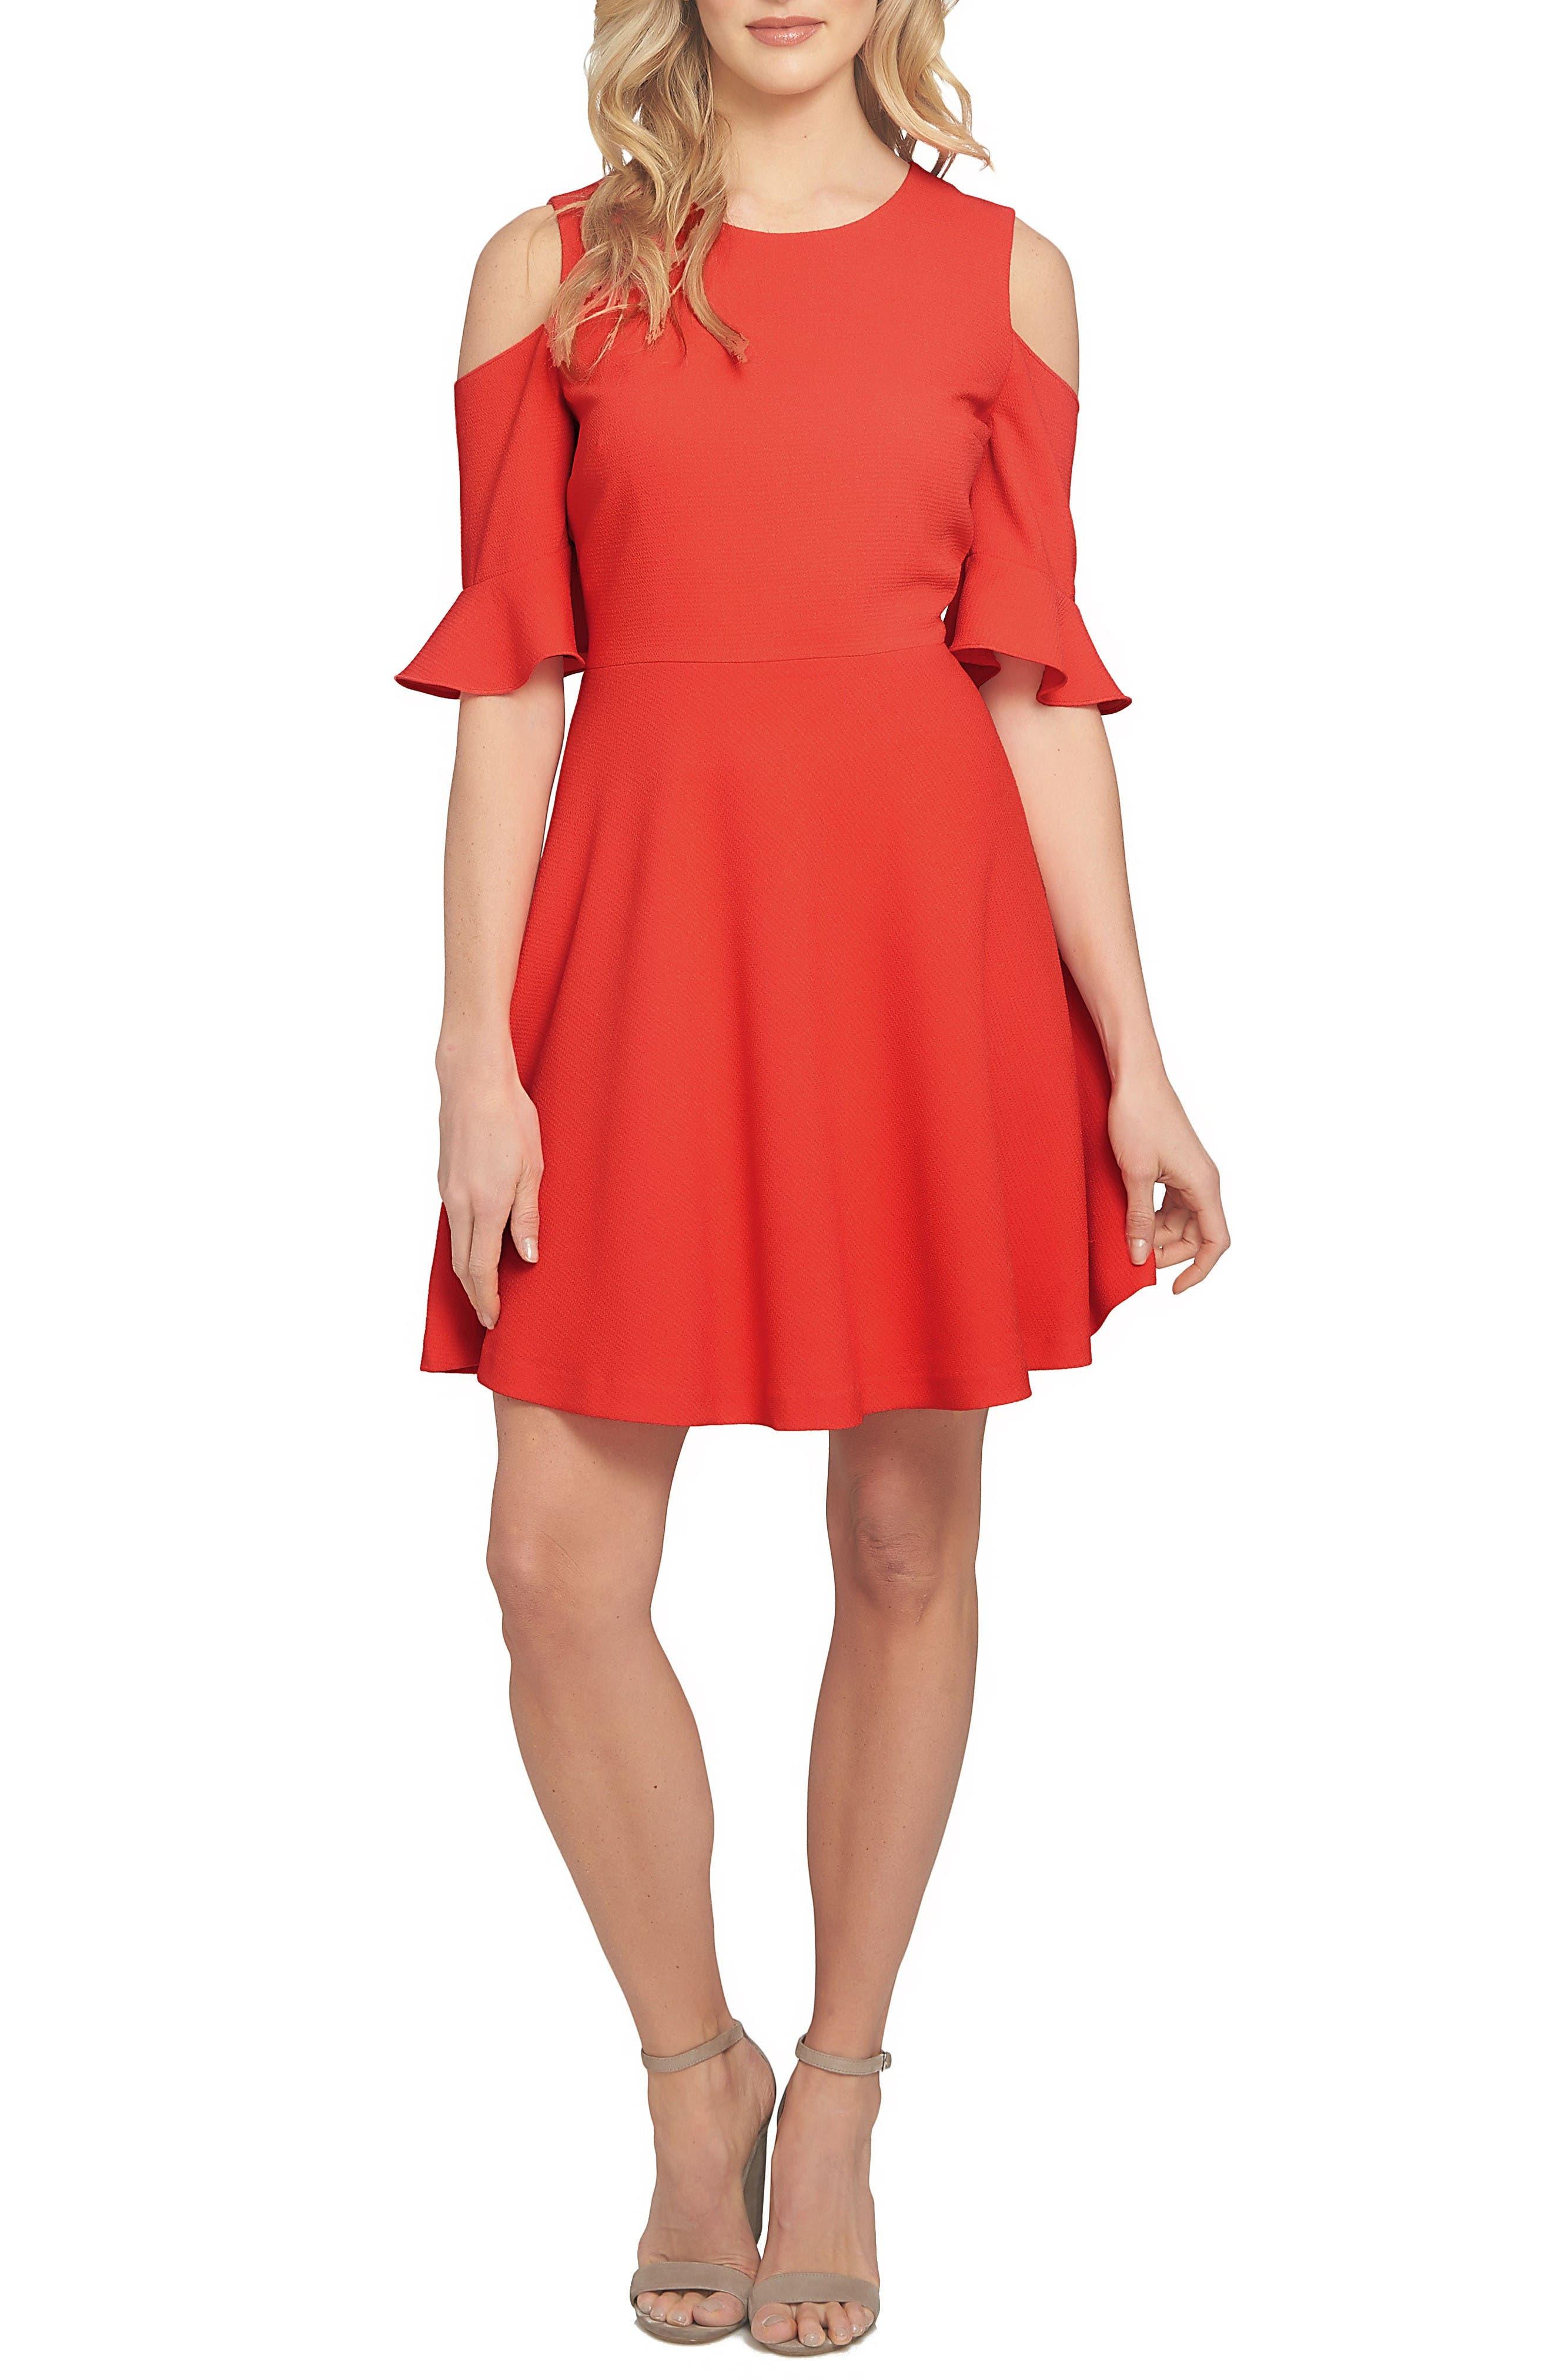 Main Image - CeCe Emily Cold Shoulder Fit & Flare Dress